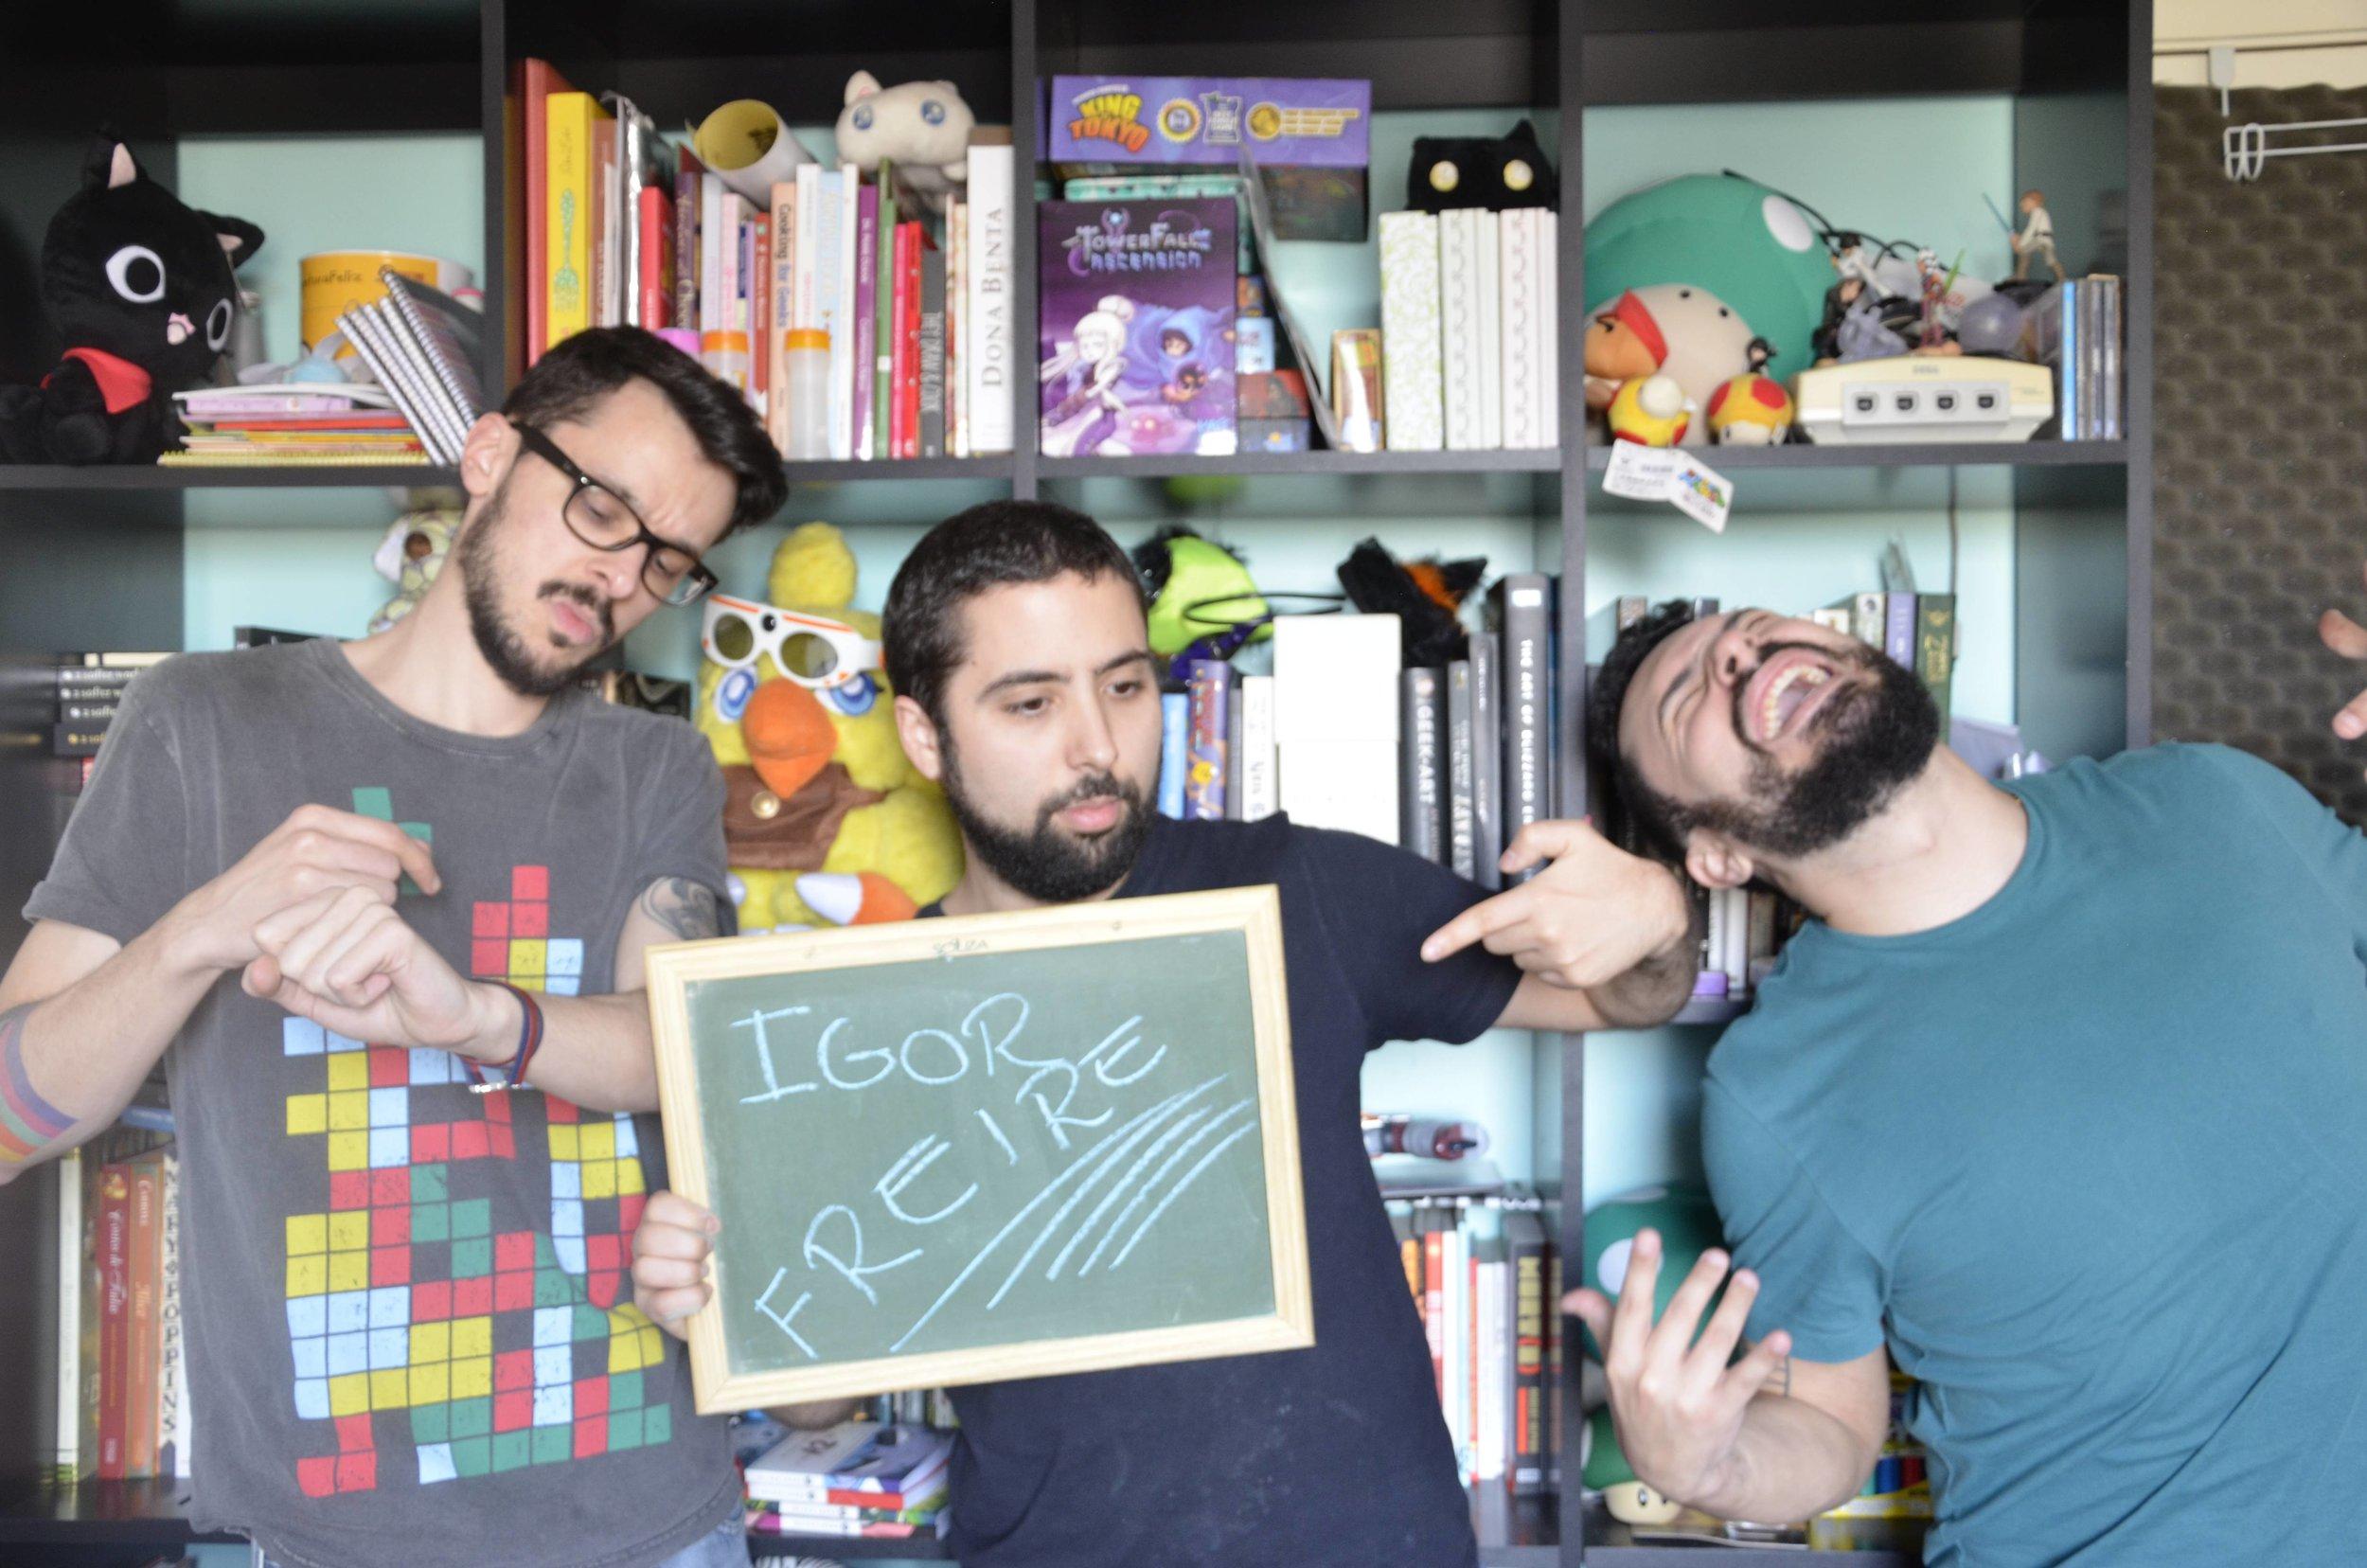 Igor-Freire.jpg